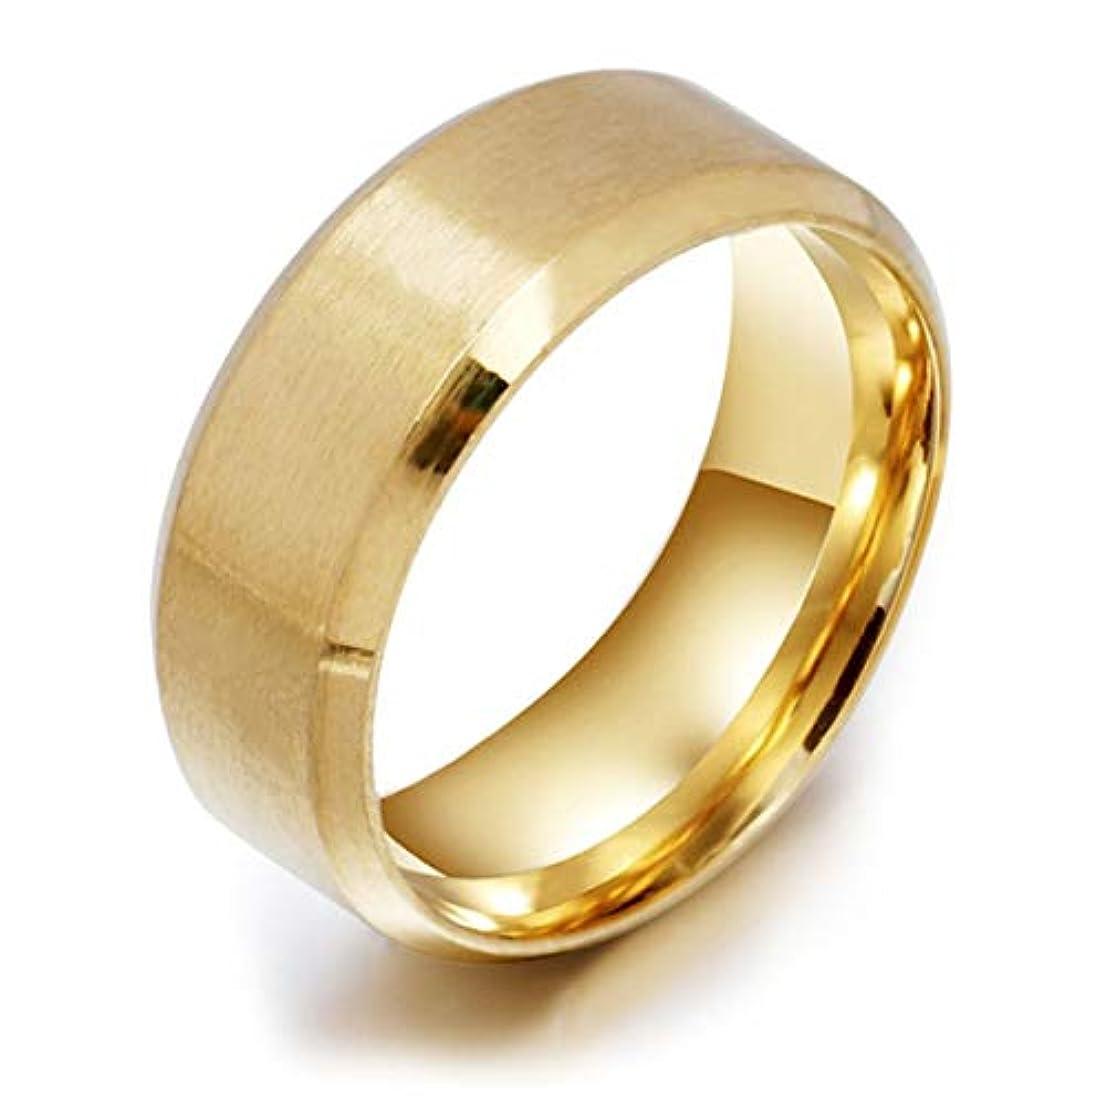 登録こっそり原点Intercoreyステンレス鋼医療指輪クリエイティブ磁気減量リングジュエリー